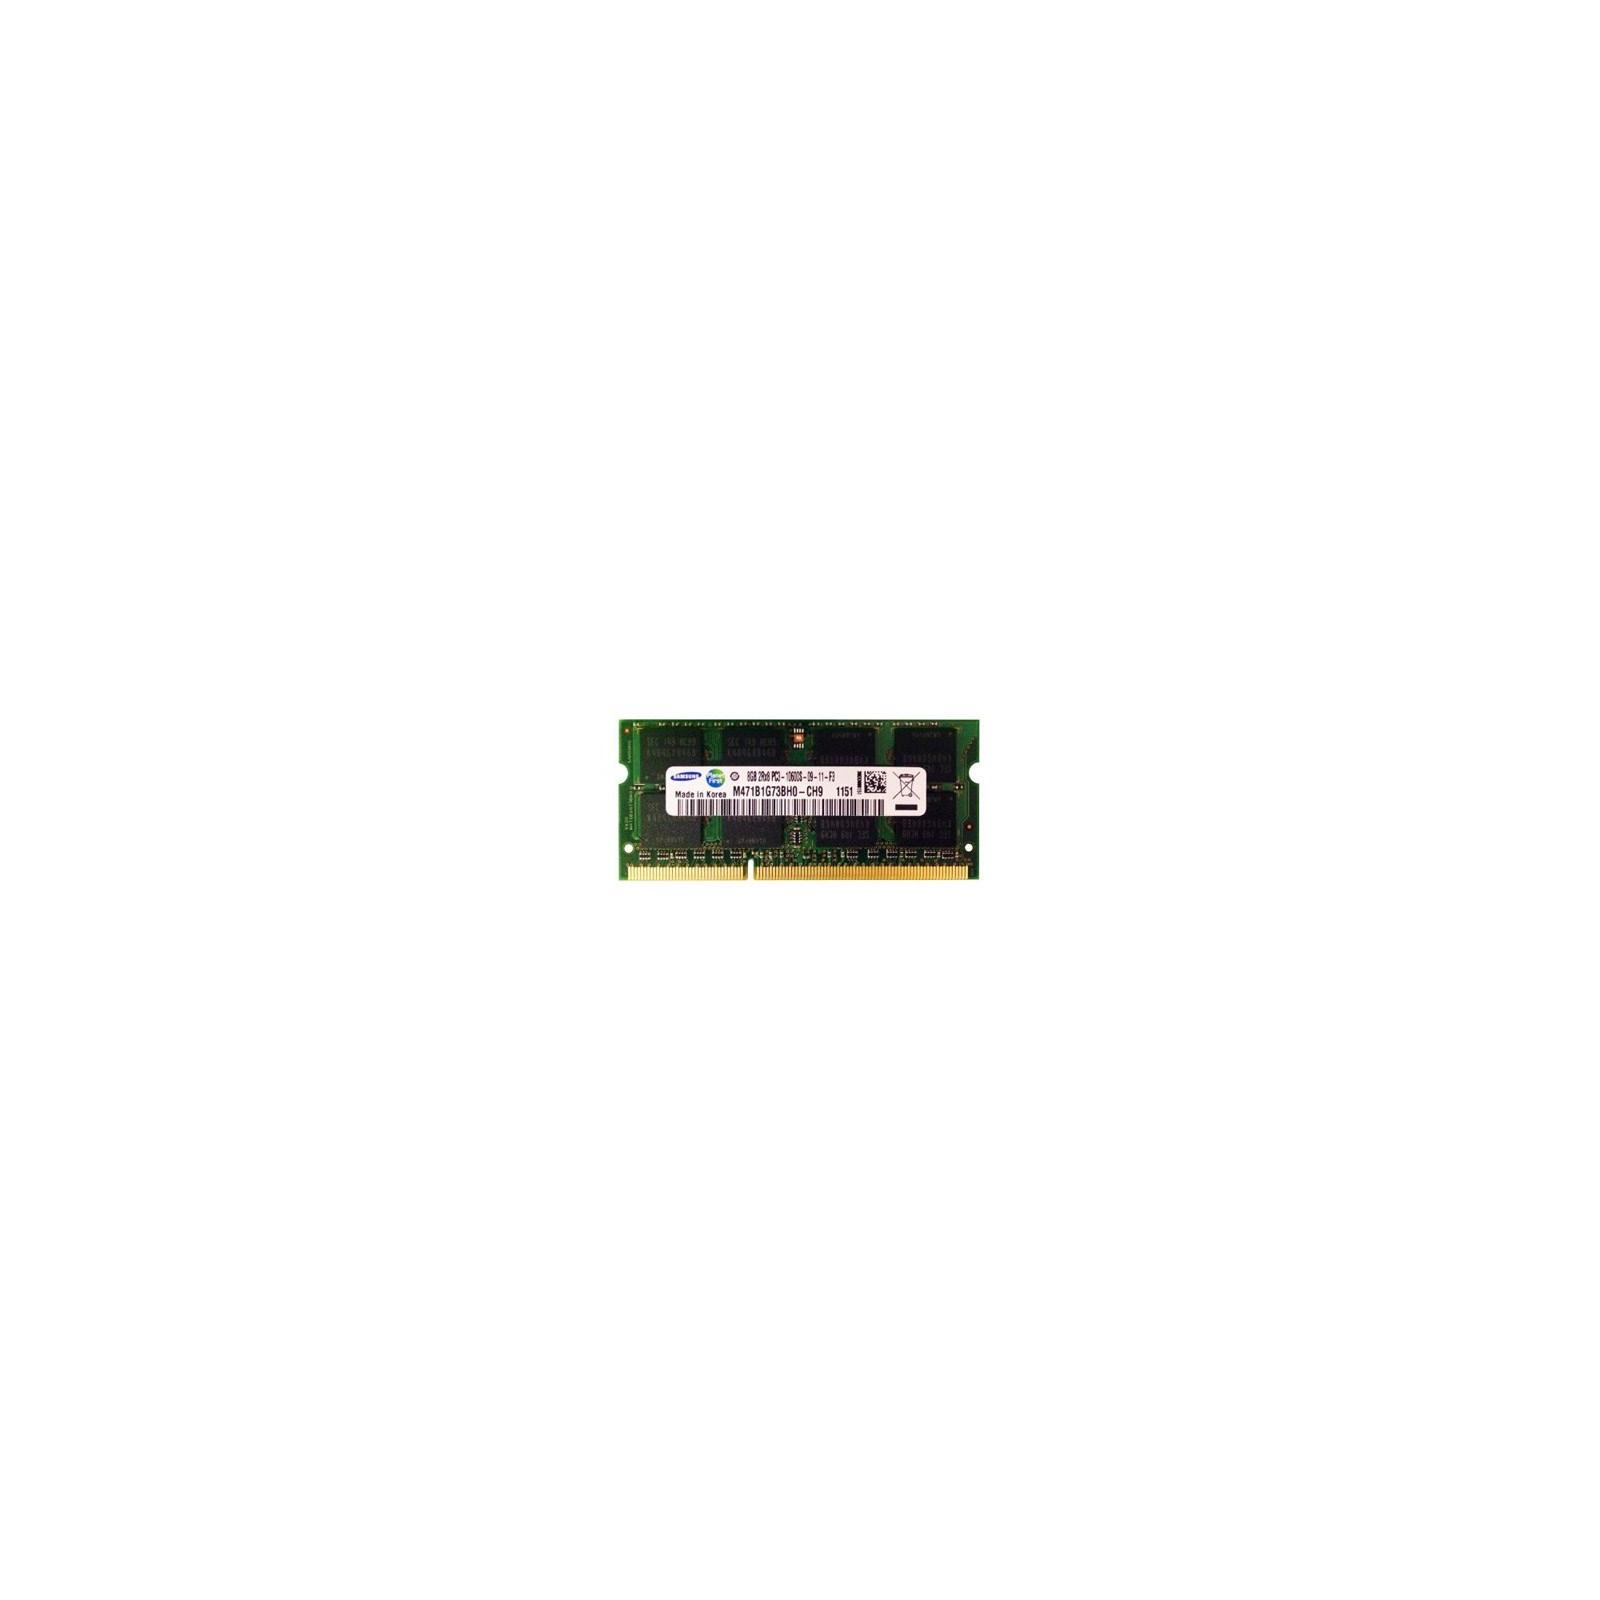 Модуль памяти для ноутбука SoDIMM DDR3 8GB 1333 MHz Samsung (M471B1G73BH0-CH900 / M471B1G73BH0-CH9)